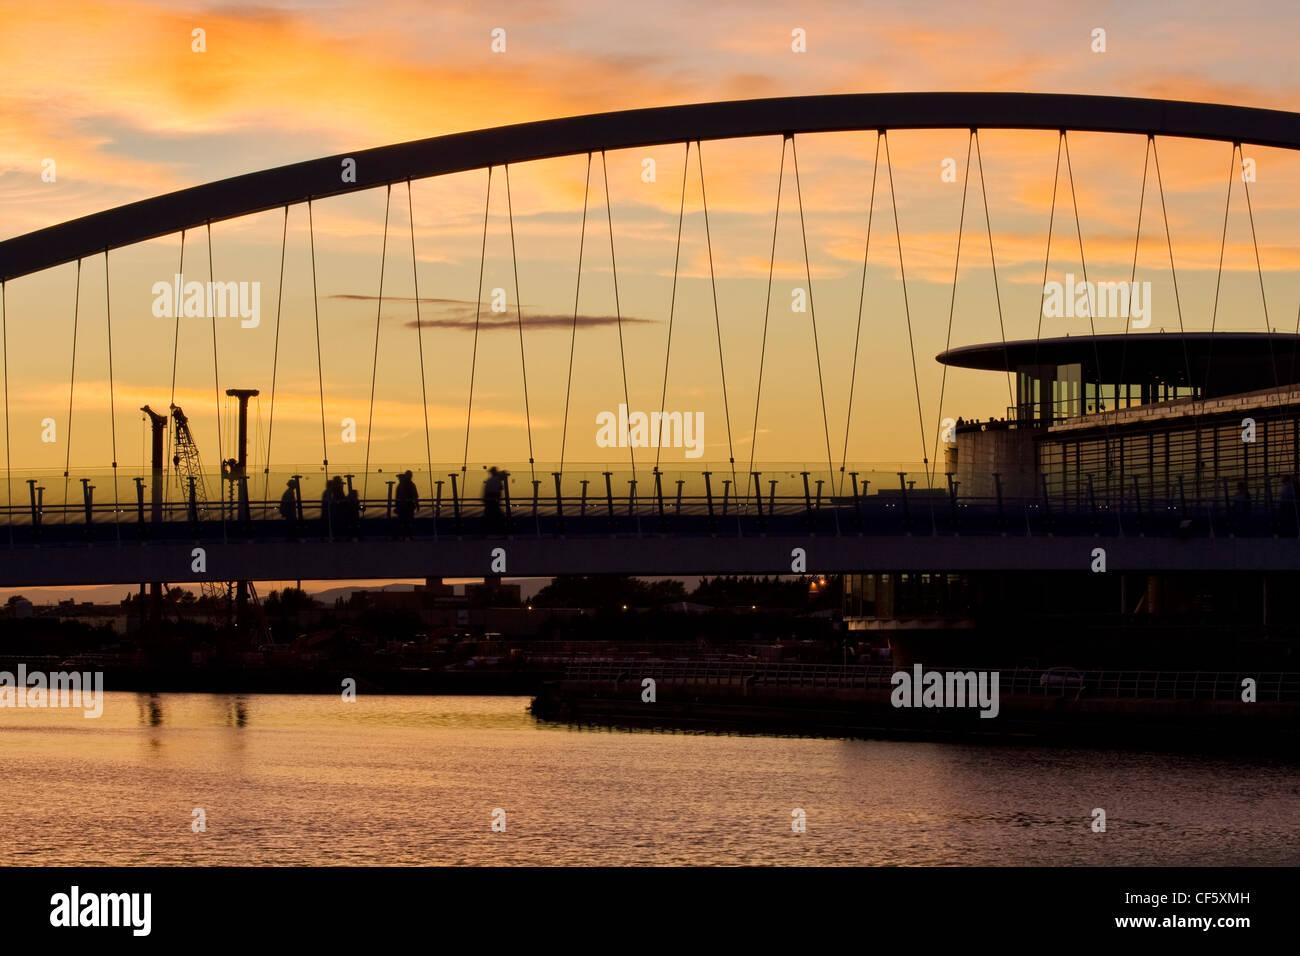 Gliederung der Salford Quays Millennium Bridge bei Sonnenuntergang. Stockbild